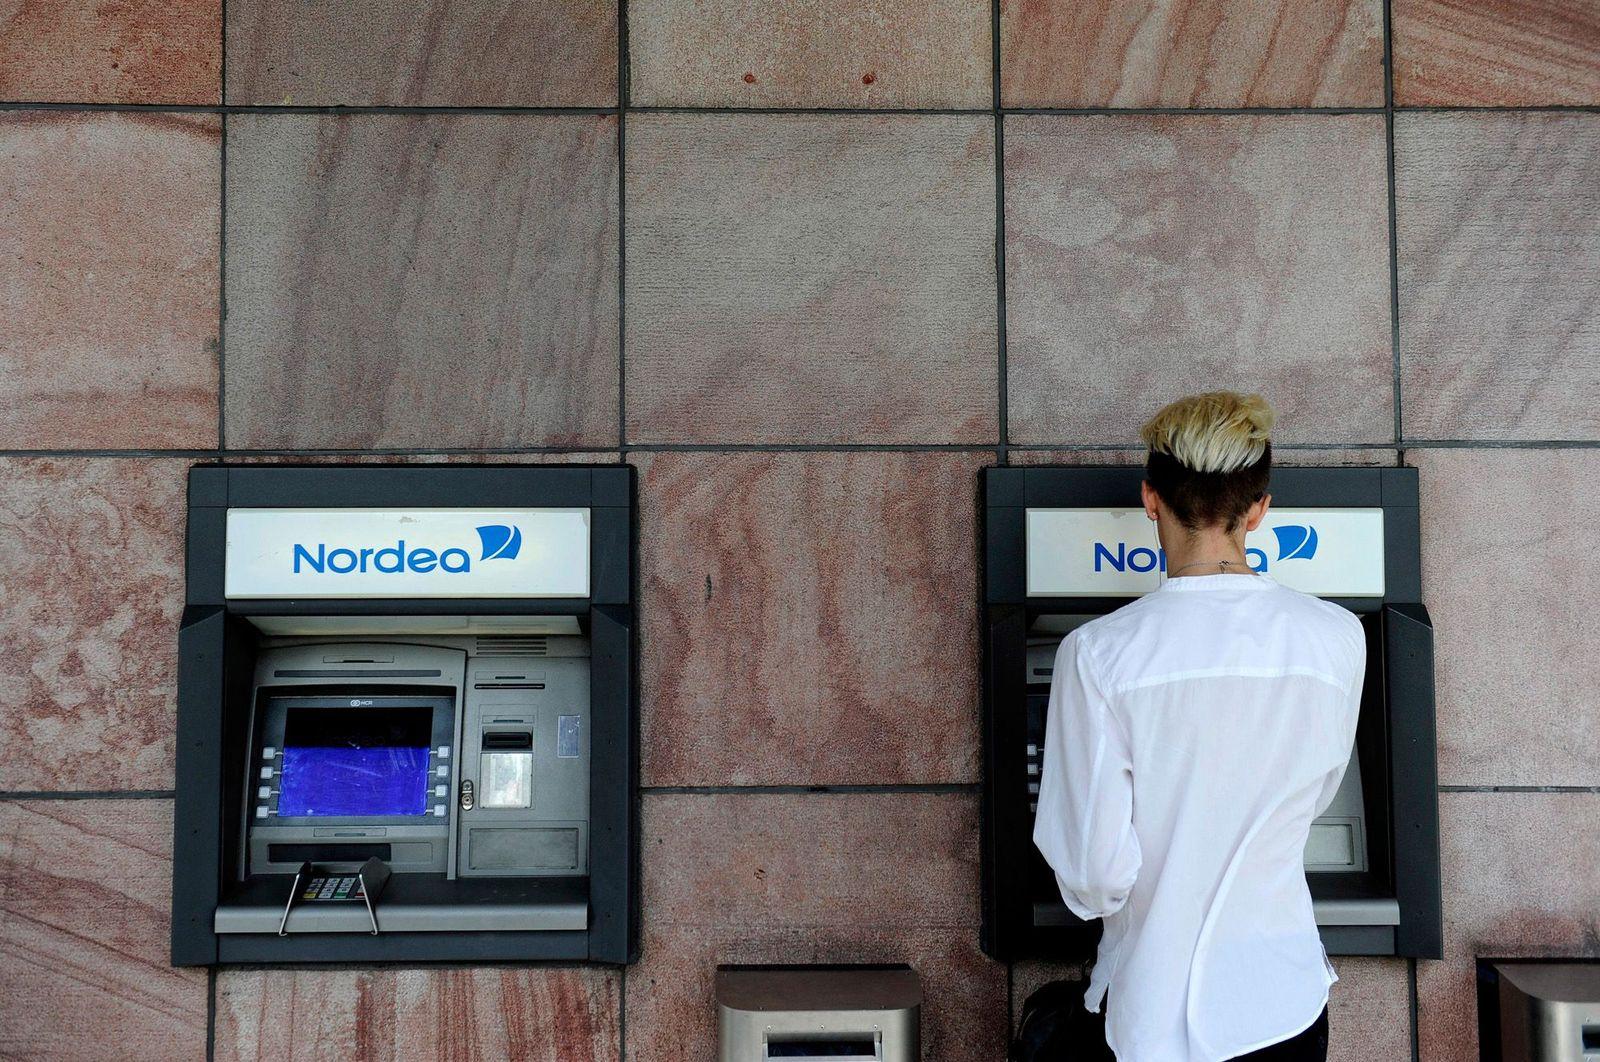 Bankautomat / Schweden